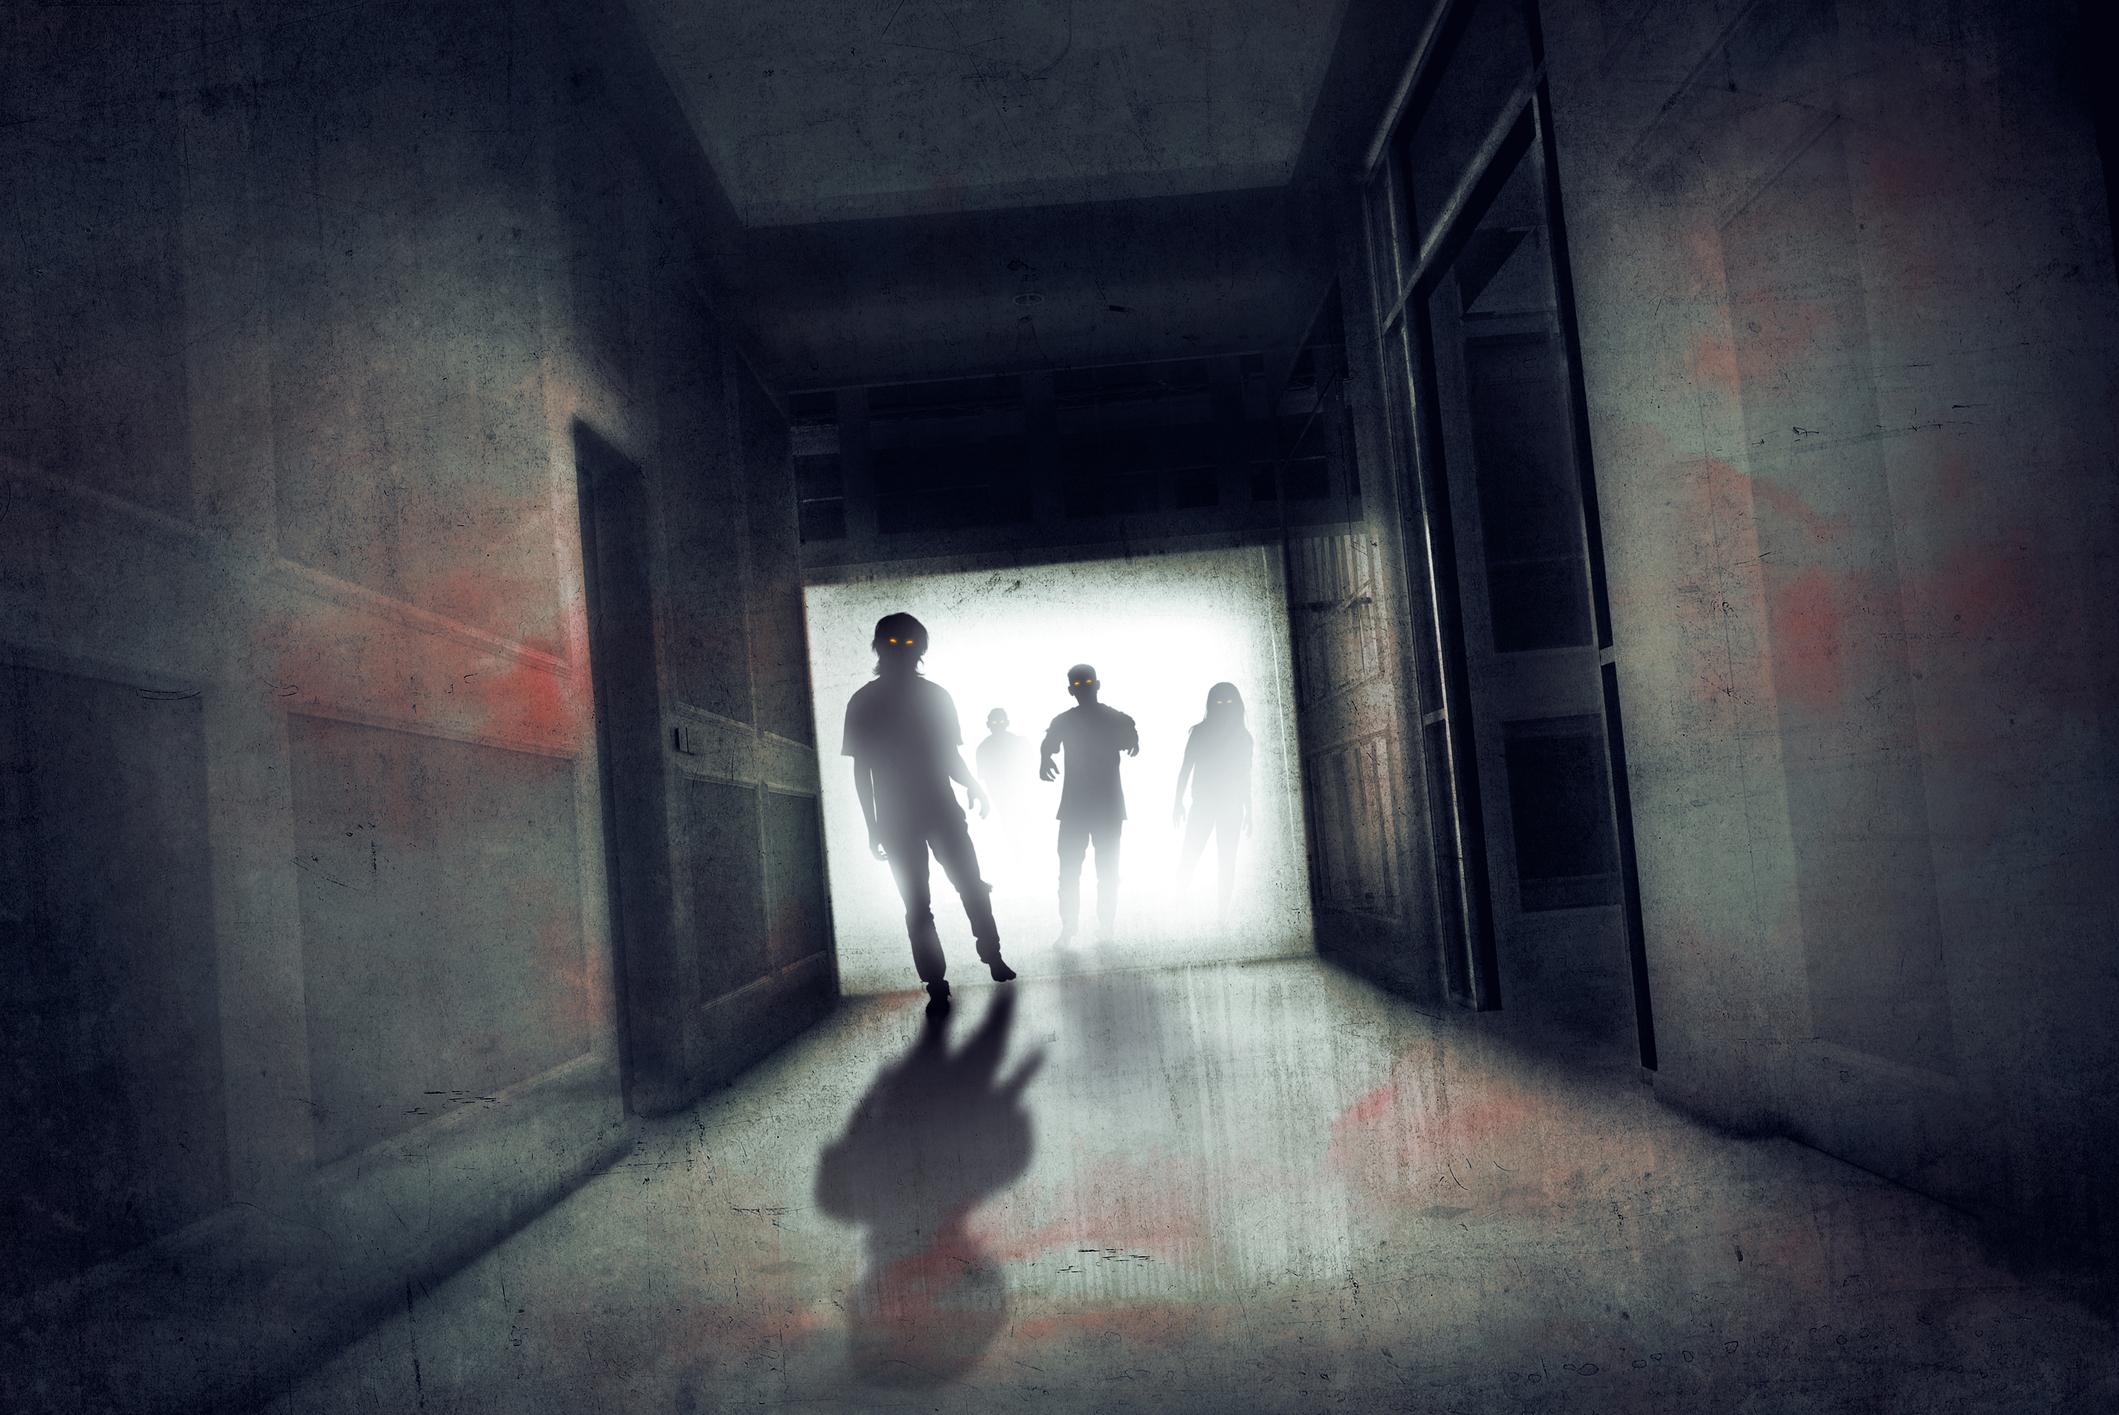 """Unii bolnavi de COVID-19 experimentează halucinații terifiante. """"L-am văzut pe diavol și l-am întrebat: Poți să-mi dai o altă șansă?"""""""